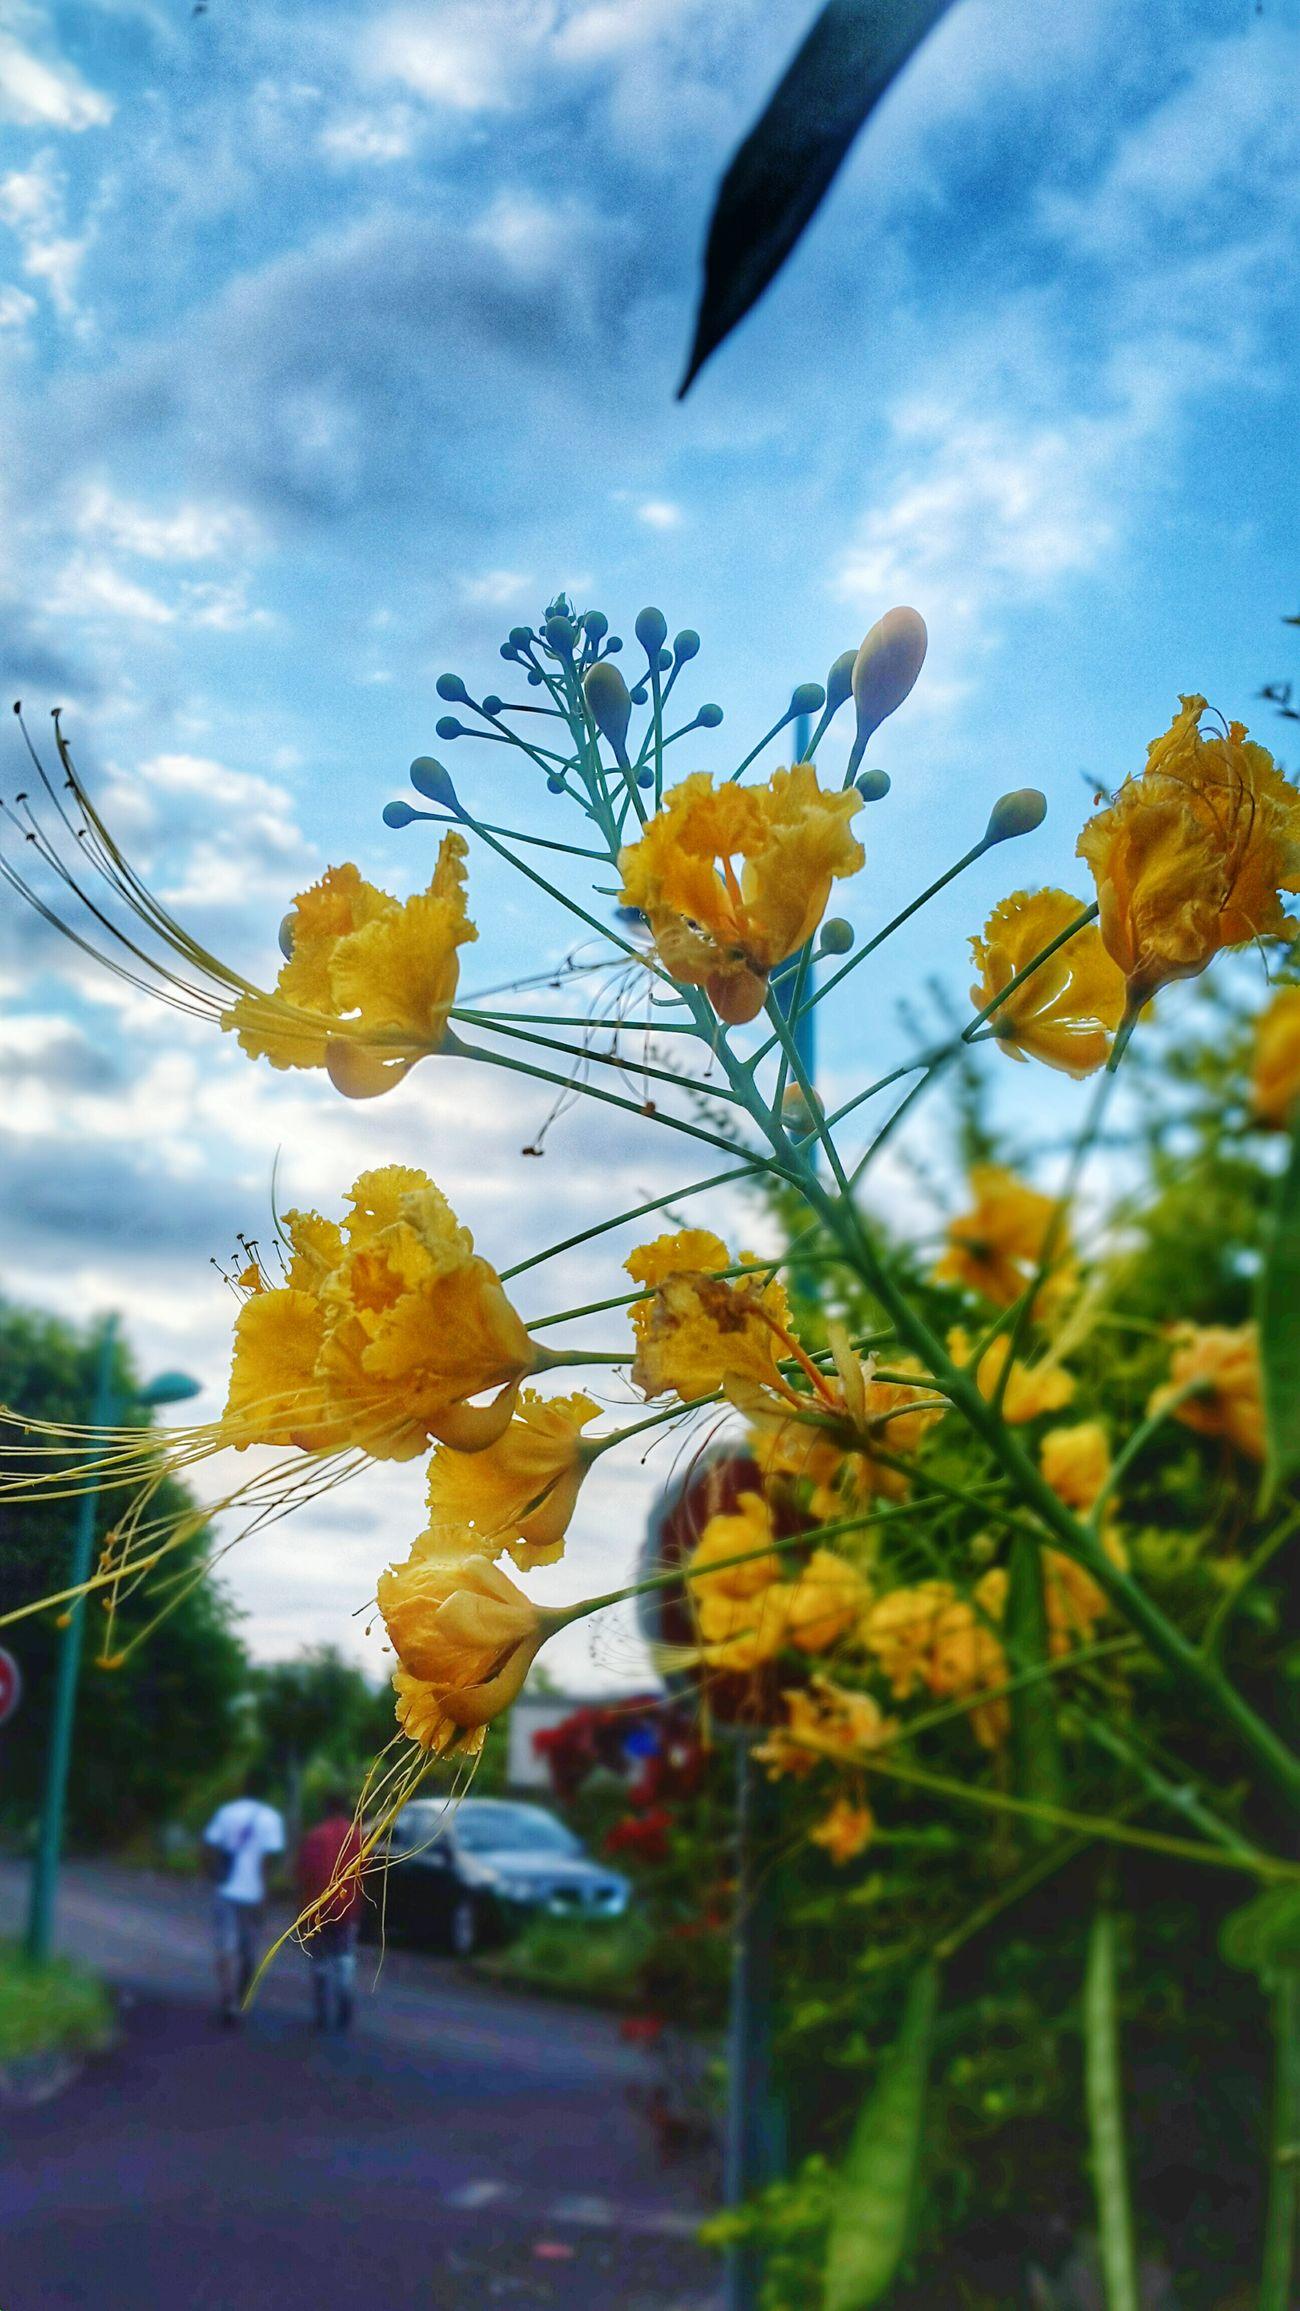 Flower Sublimephoto Inspired The Sage Paradise EyeEm Nature Lover Reunion Island Ile De La Reunion, Une Beauté, Un Paradis, Mon Ile <3 Popular Photos Landscape LéffétHdr 📷❤💍👉💋❤😀